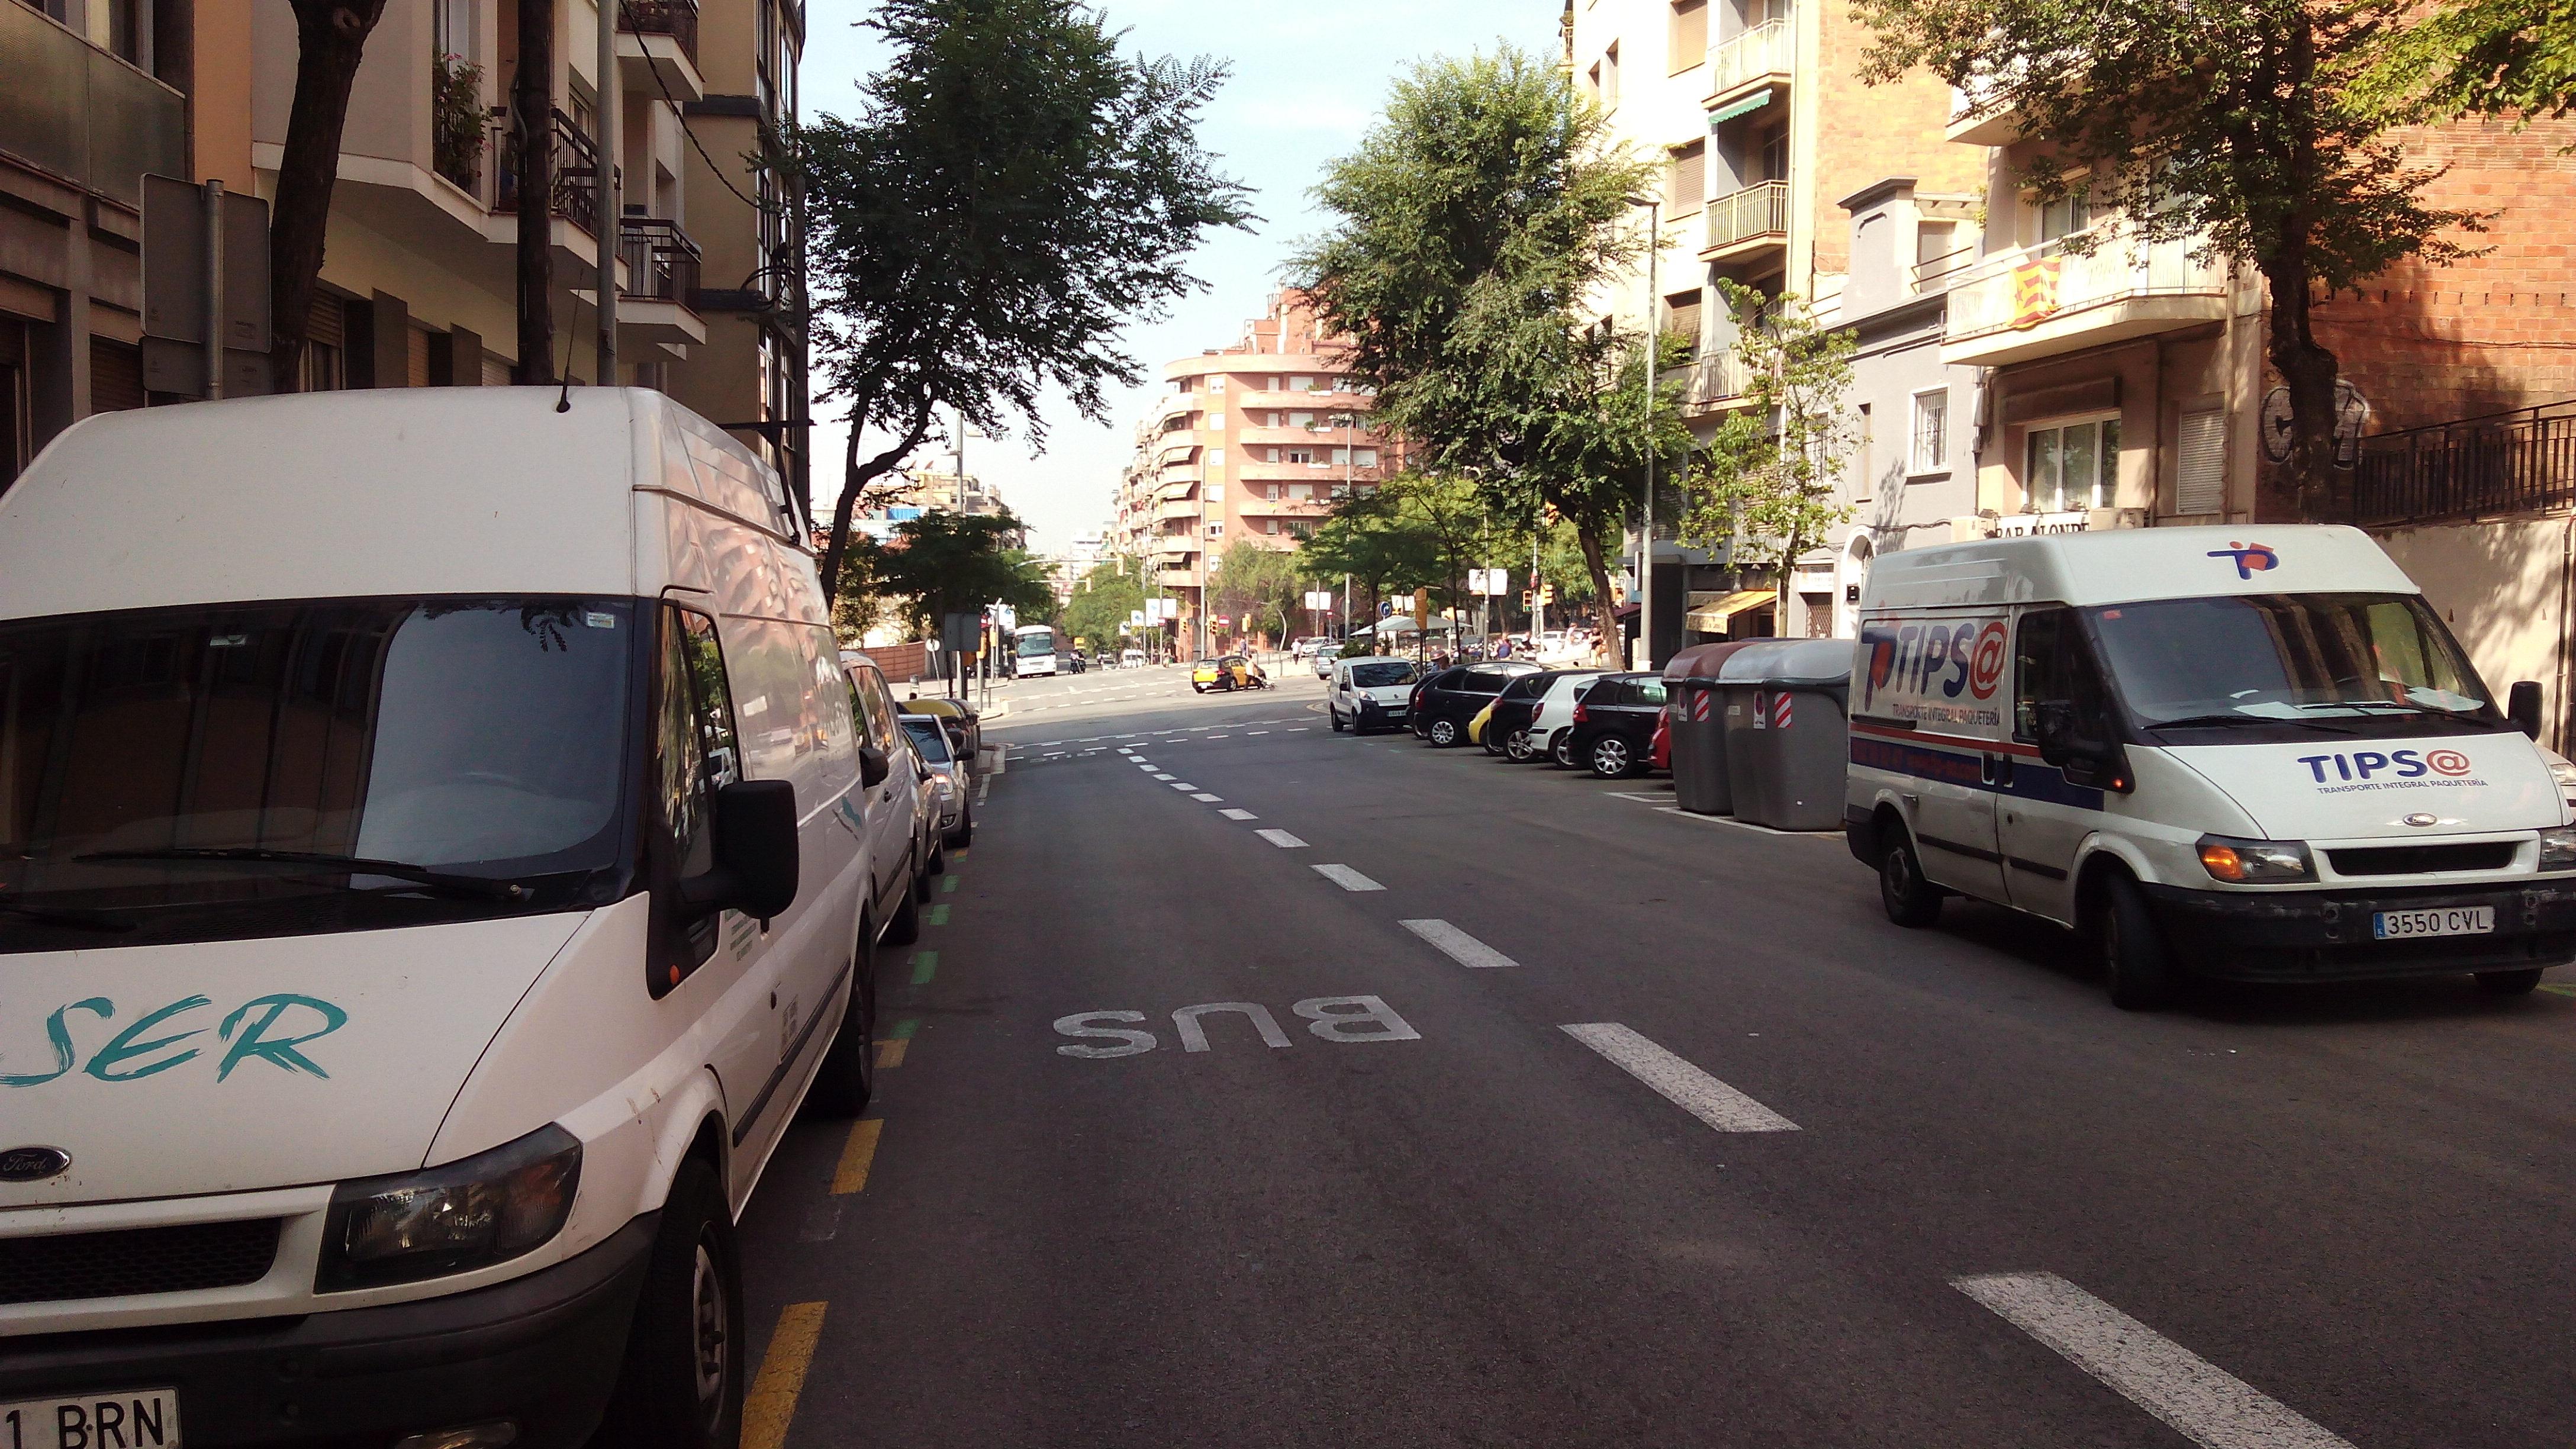 Invertir en parking entero en gracia for Rentabilidad parking